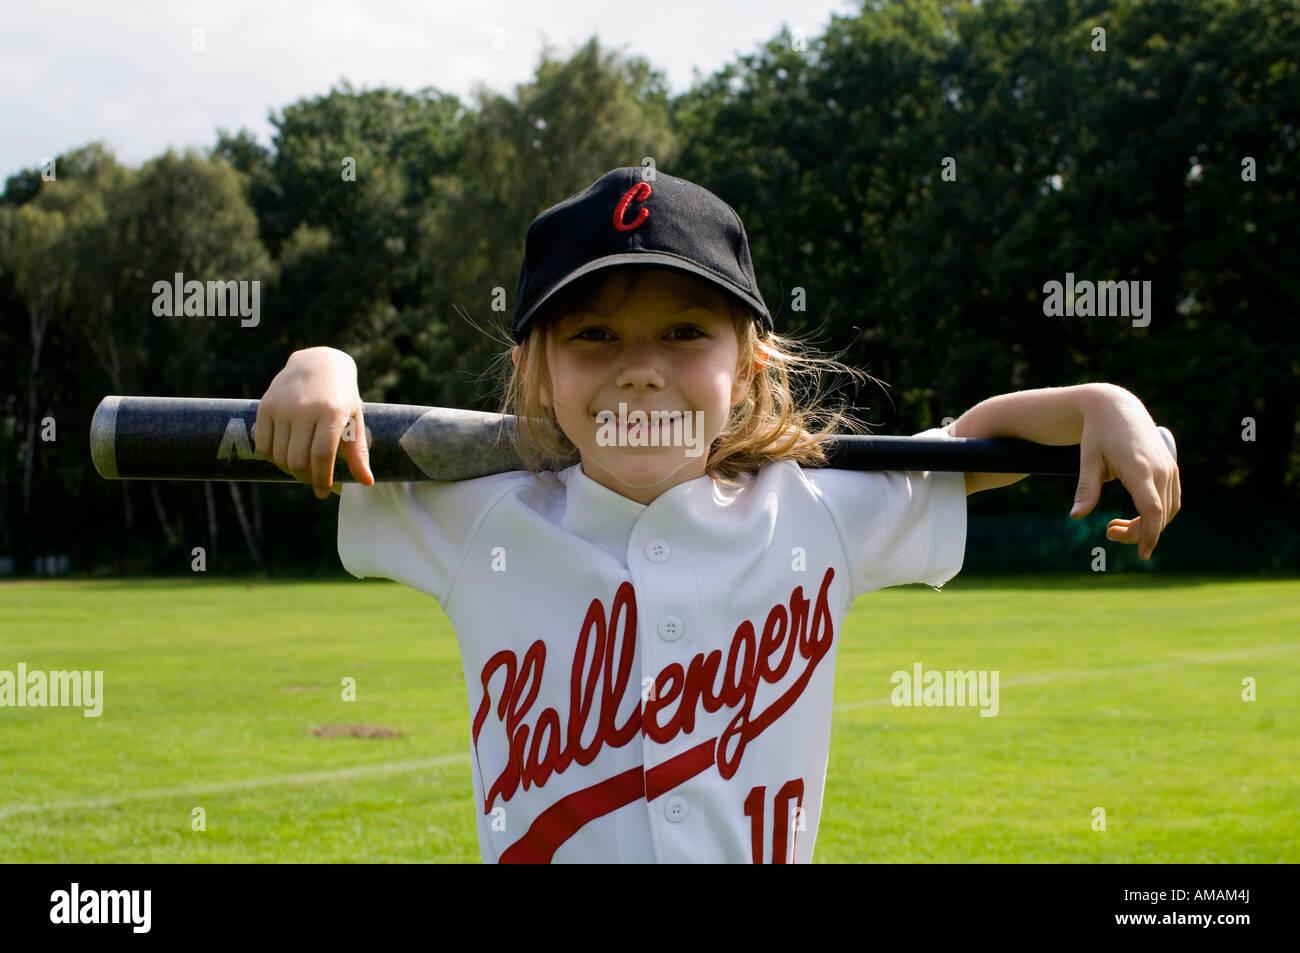 bat stock photos u0026 bat stock images alamy